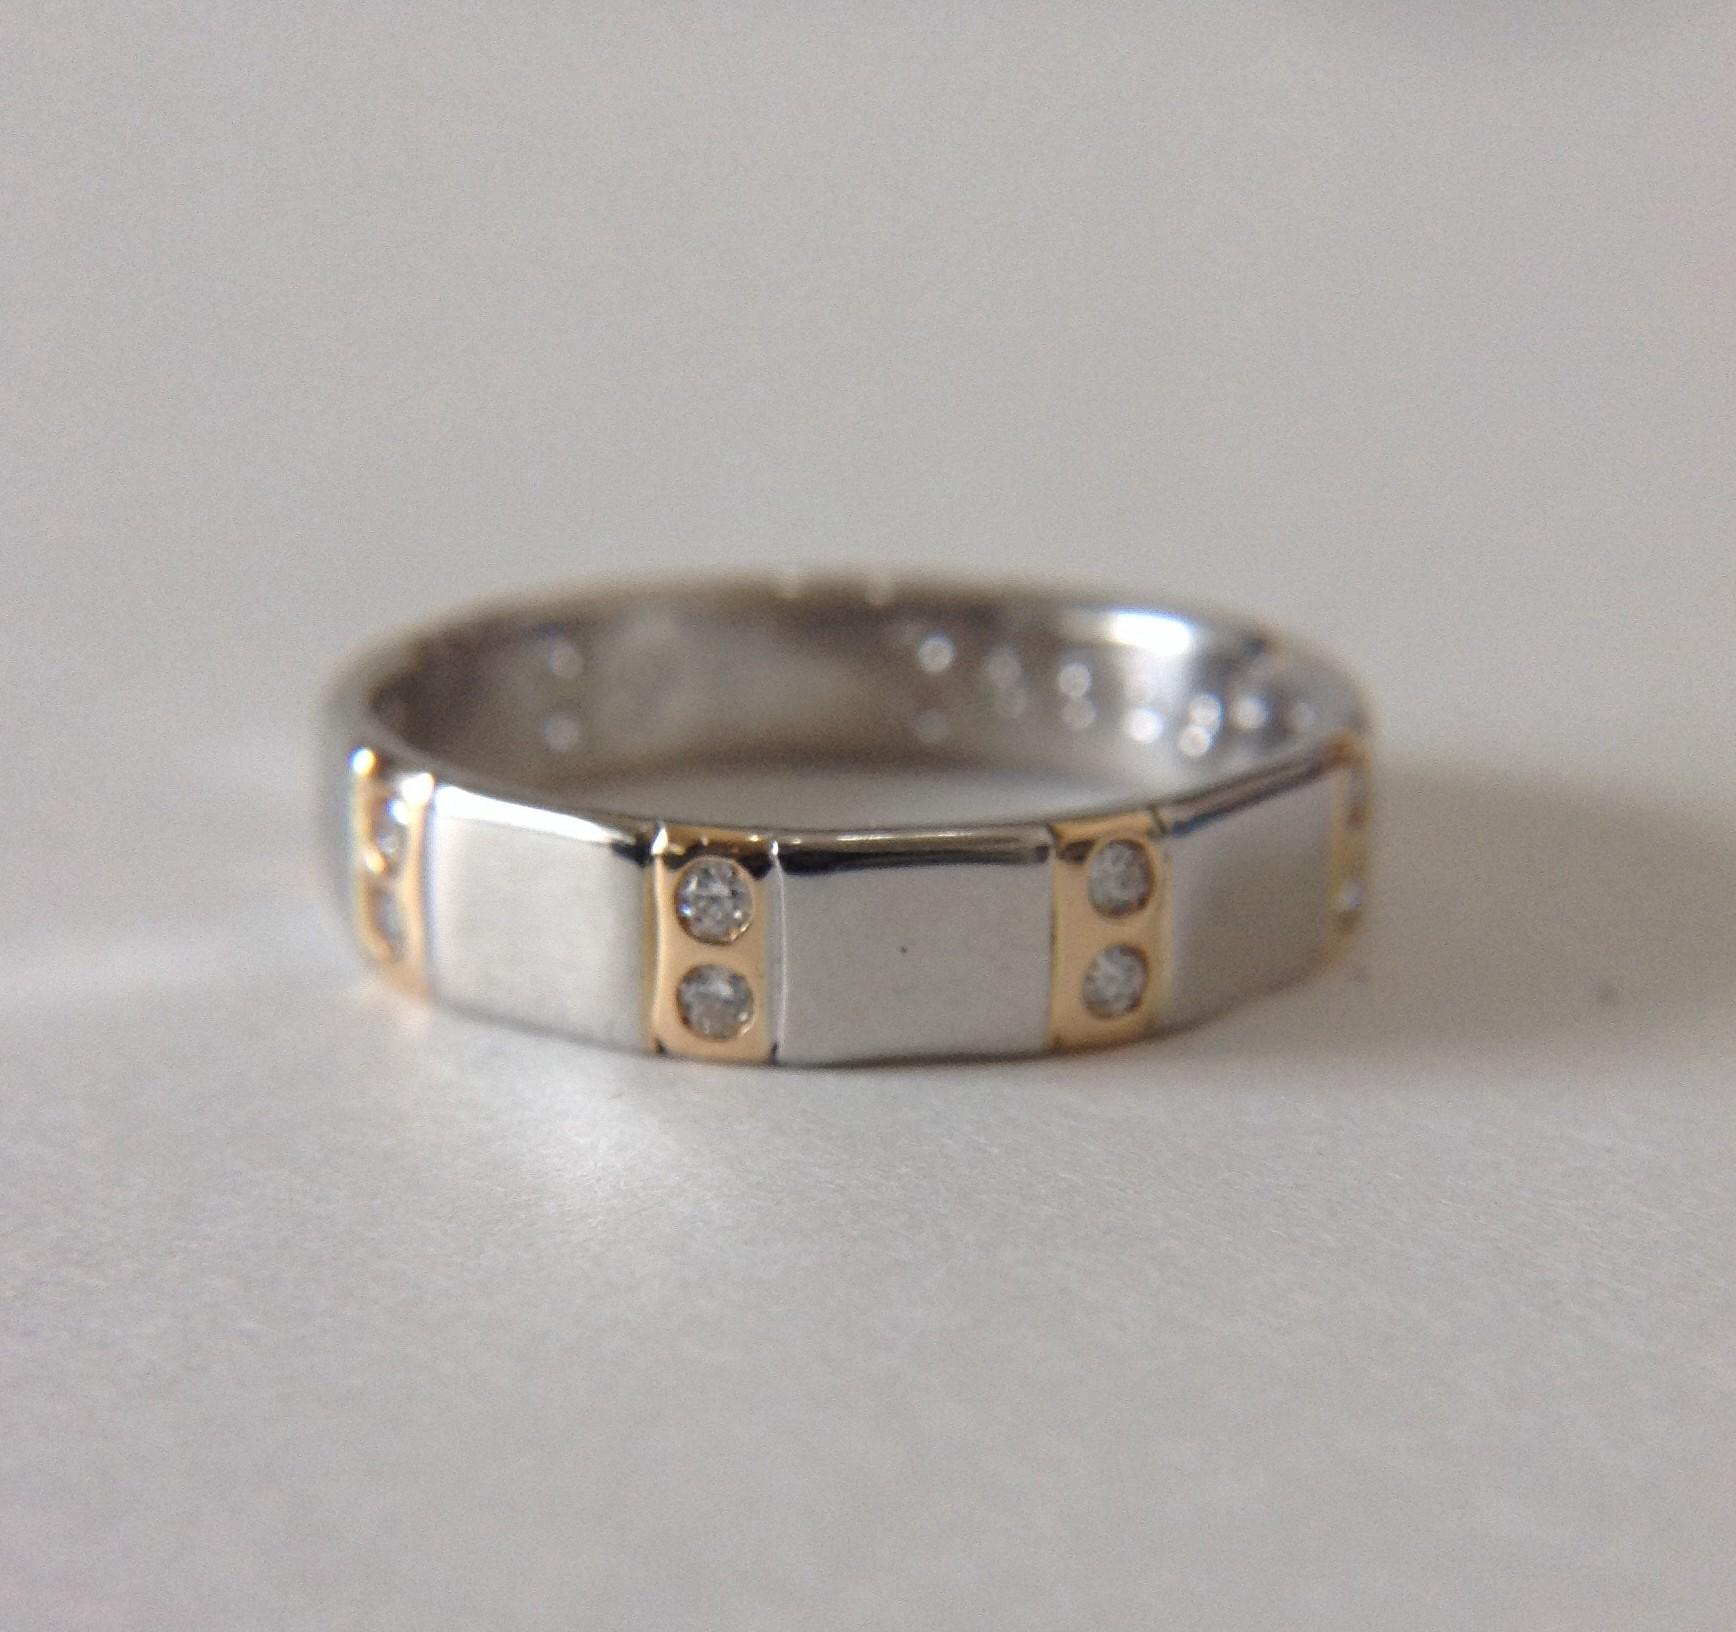 結婚指輪をセンスよくリモデルする2つのポイント